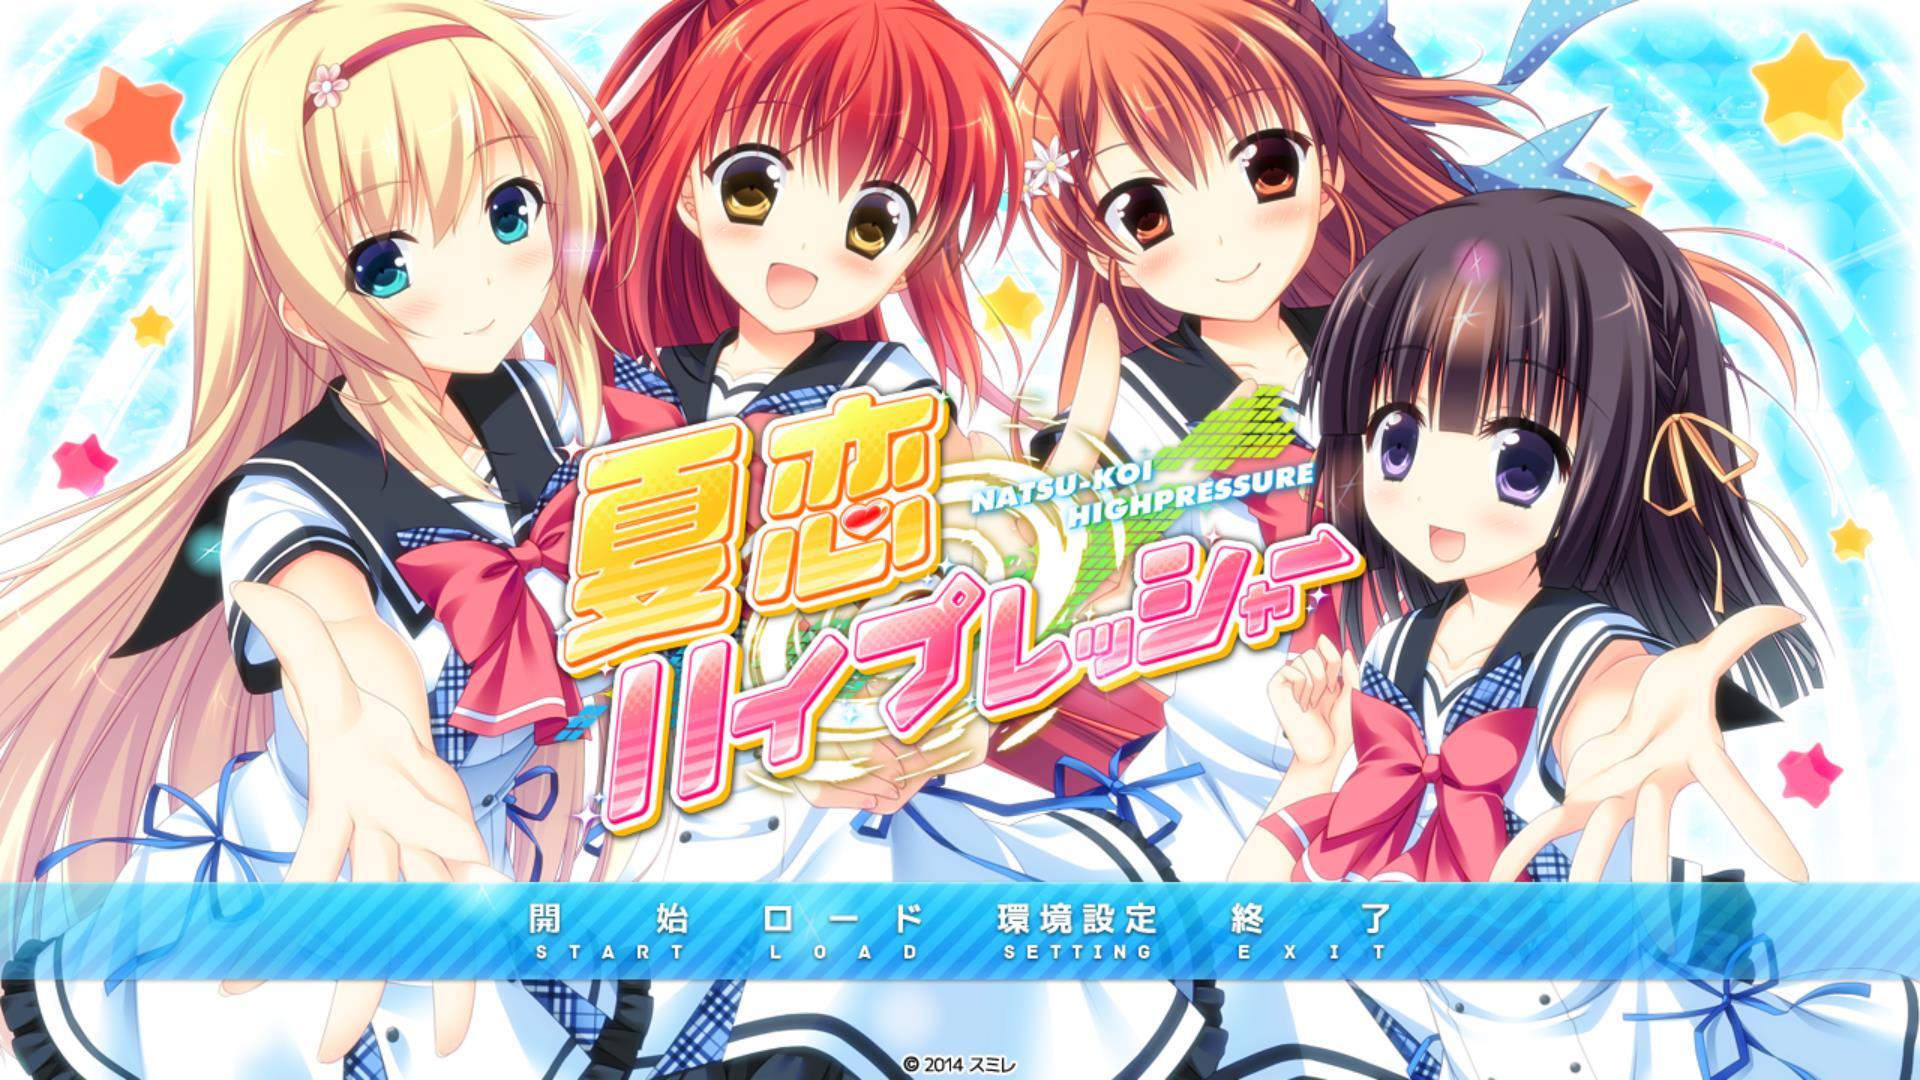 【夏恋ハイプレッシャー】夏恋ハイプレッシャーのプレイを開始しましたのアイキャッチ画像